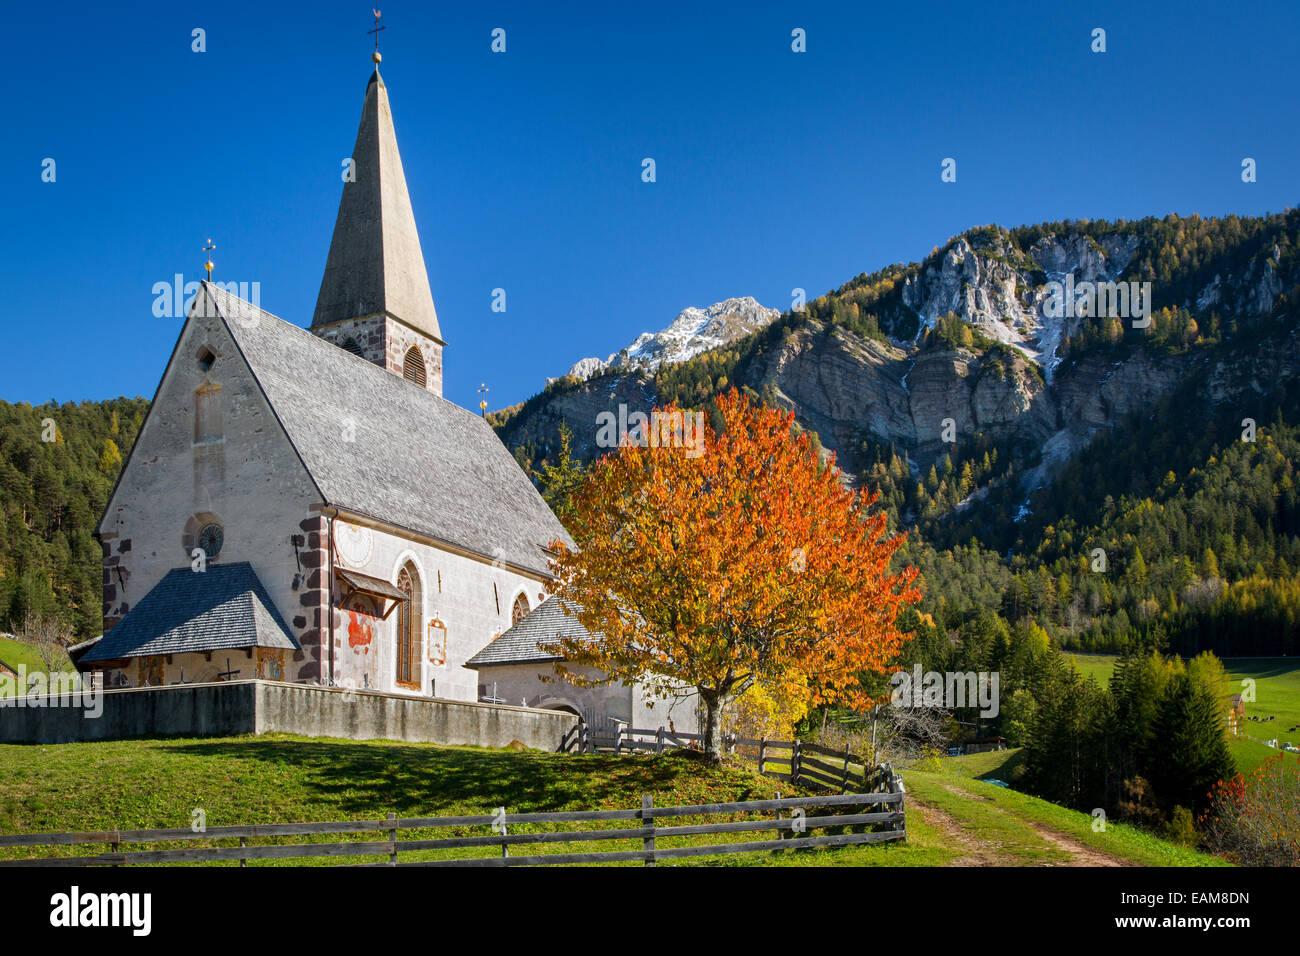 Santa Maddelena Church in Val di Funes, Dolomites, Trentino-Alto-Adige, Italy - Stock Image